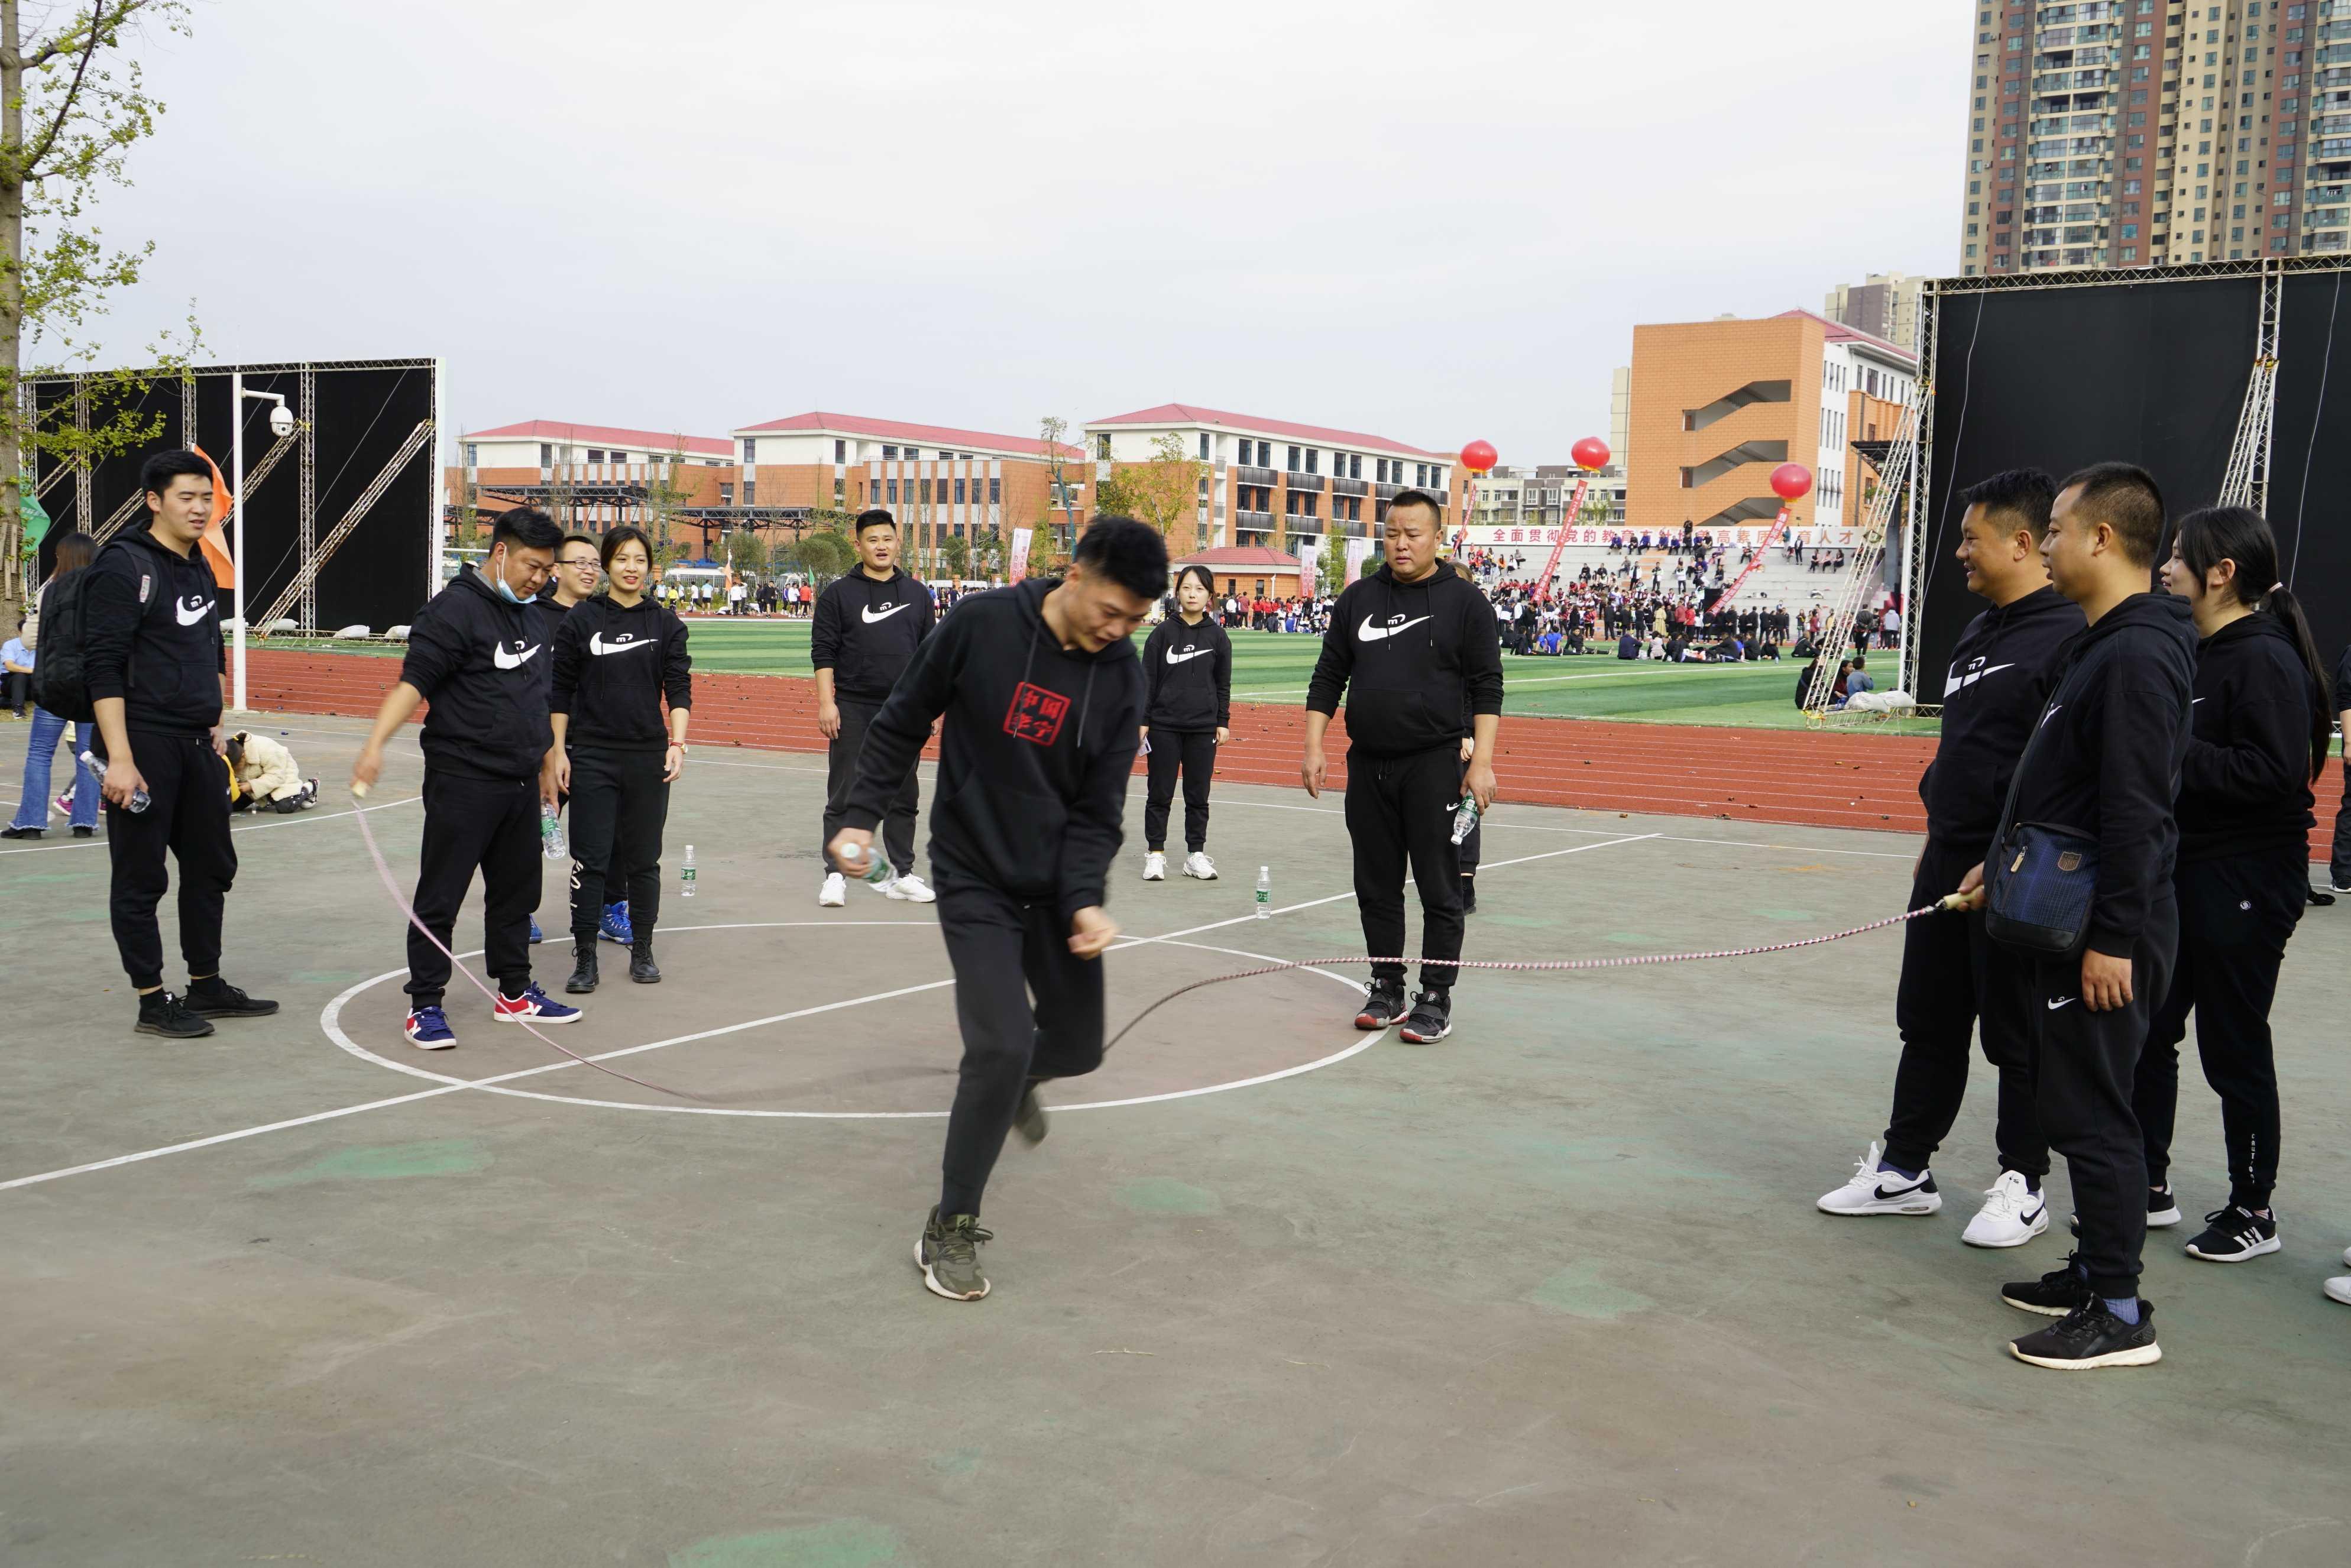 喜讯!仁寿代表队在眉山市首届教师运动会上取得优异成绩